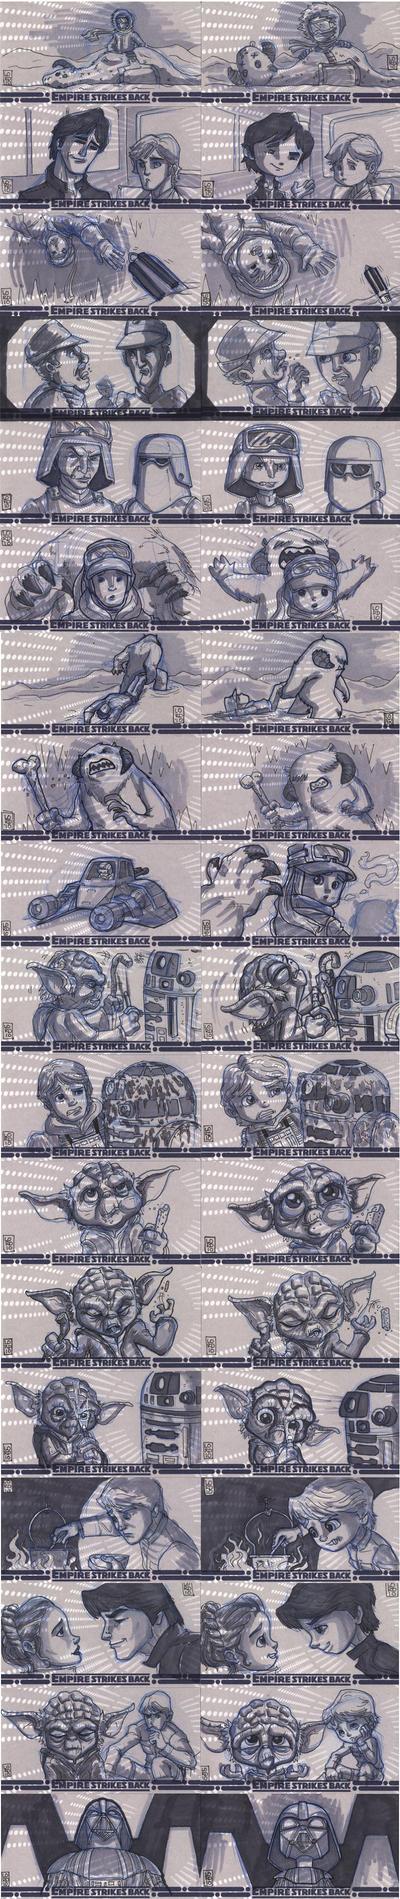 ESB Sketch Cards 1 by lordmesa